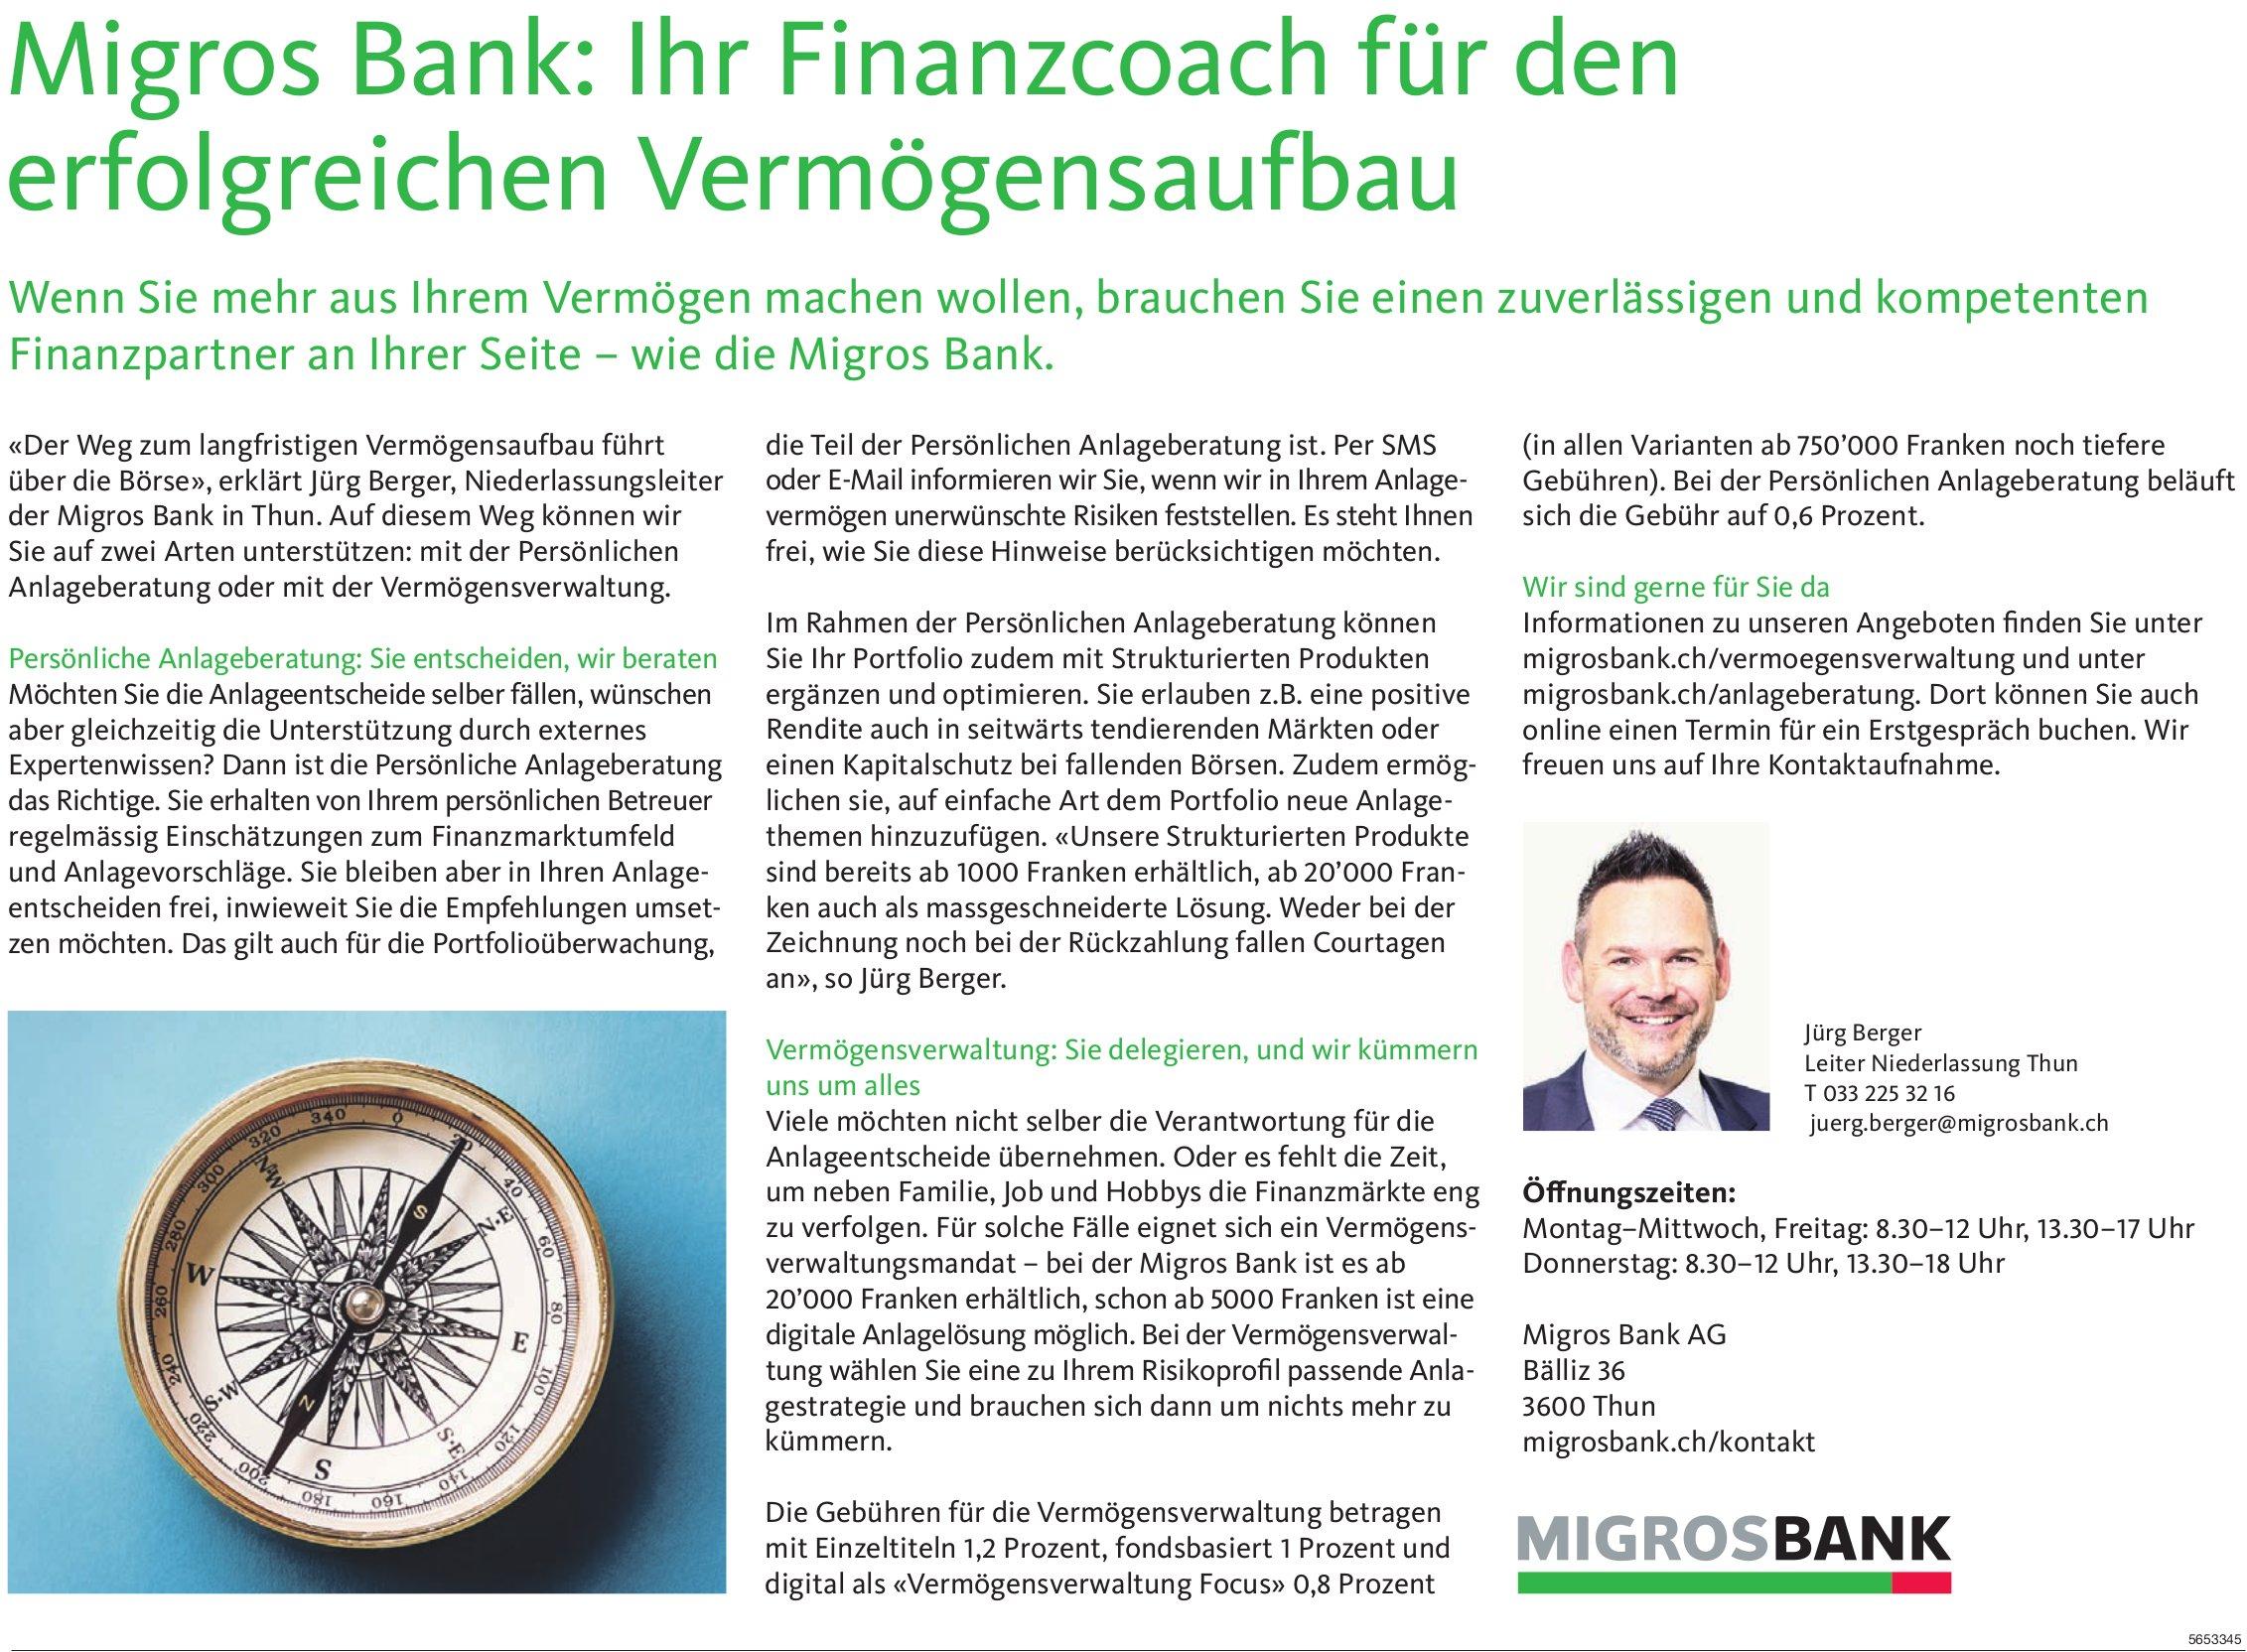 Migros Bank AG, Thun - Migros Bank: Ihr Finanzcoach für den erfolgreichen Vermögensaufbau